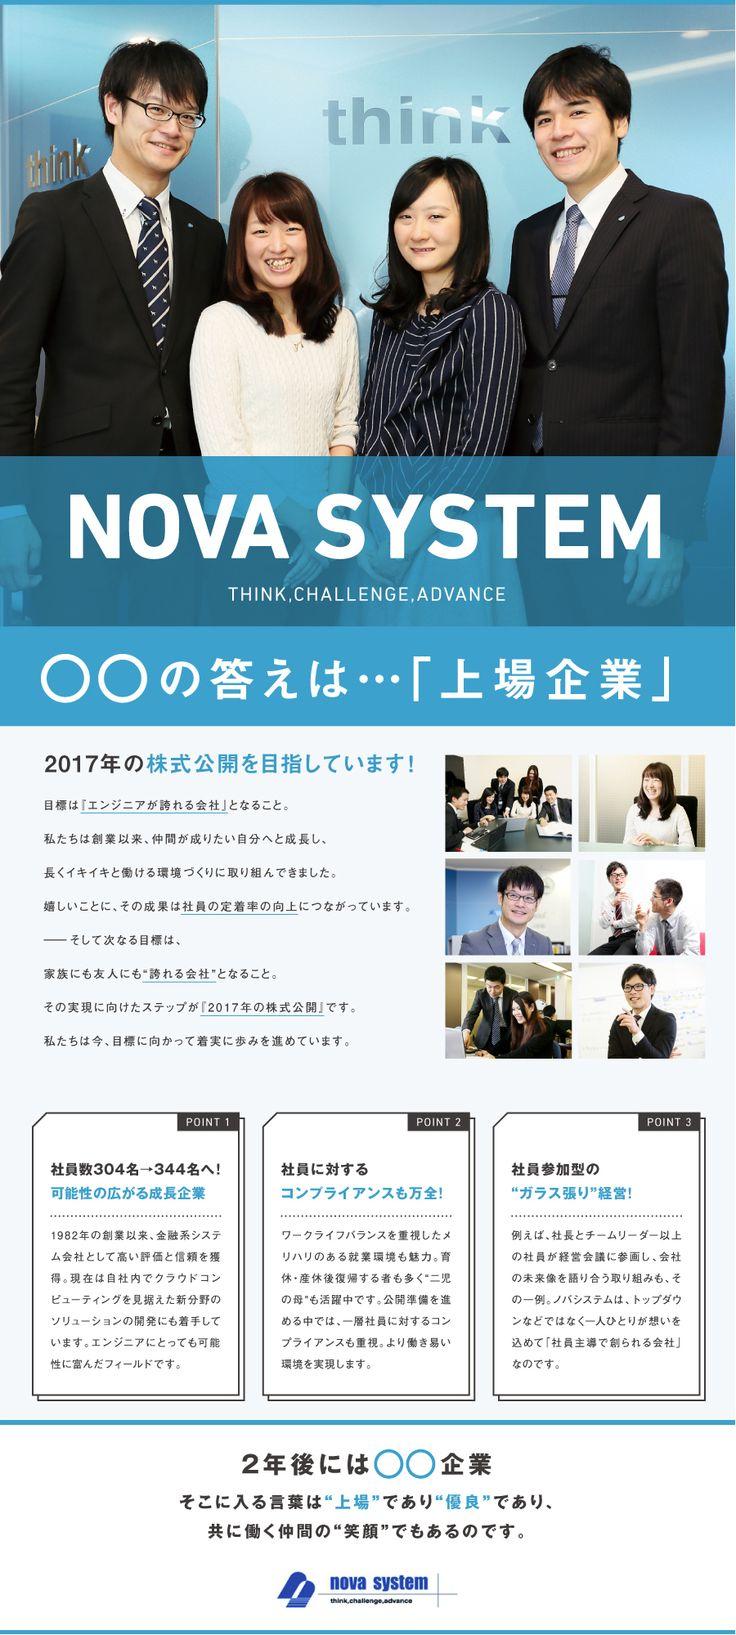 ノバシステム株式会社の求人メッセージ/上場に向けて、活躍の可能性が広がる!【システムエンジニア】(687224) | 転職サイトは | 転職・求人情報サイトのマイナビ転職